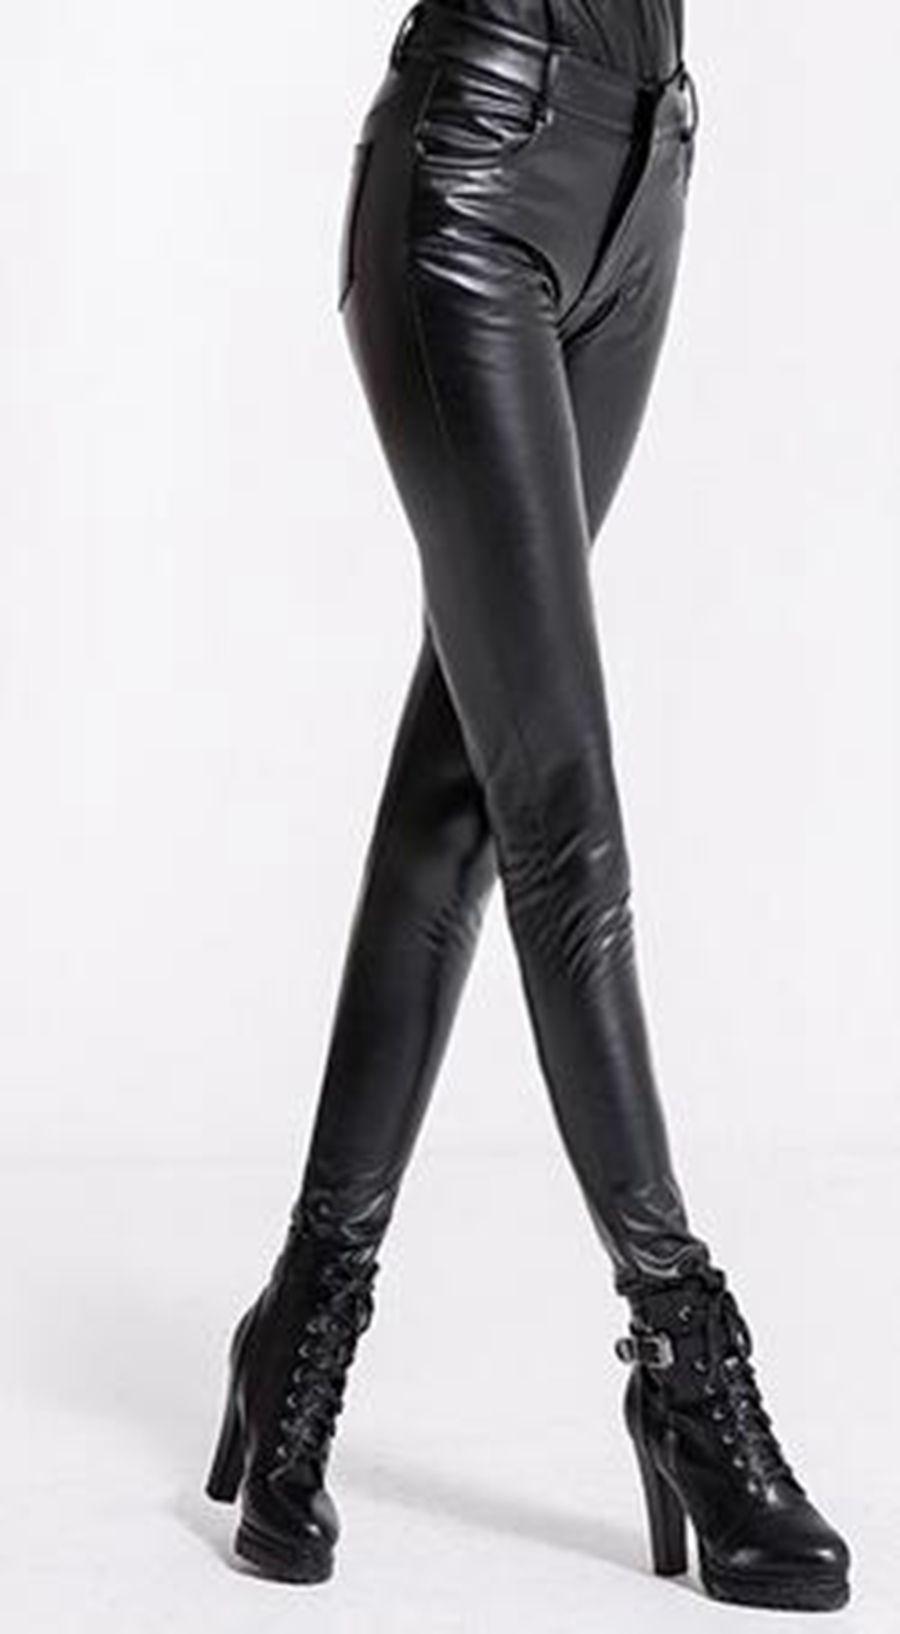 VROUWEN EN WINTER IN EUROPA EN DE NIEUWE KWALITEIT GOEDEREN Dichte modeshow Tall Taille Rits voet Render lederen broek. S - 3XL